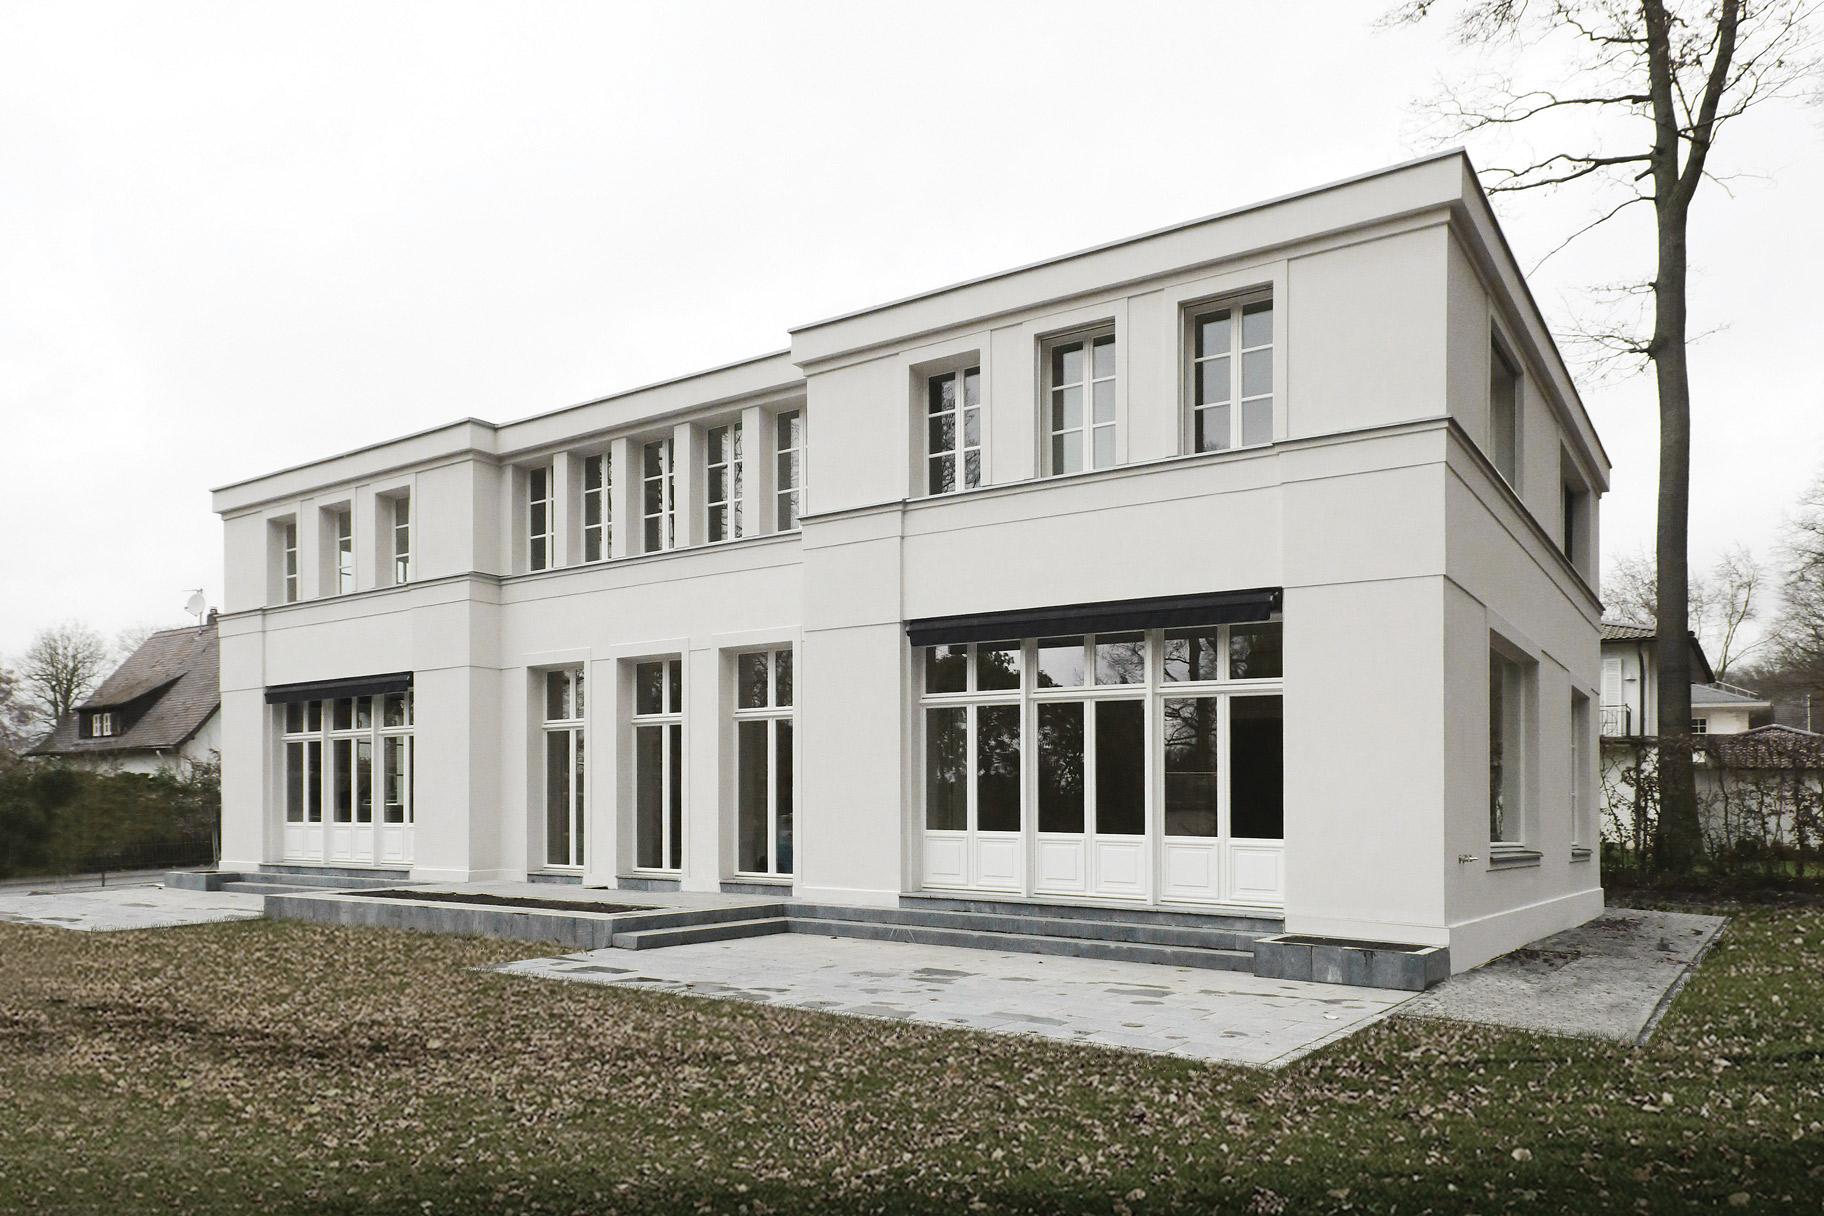 Neubau einer klassizistischen Villa - Mut zur Symmetrie